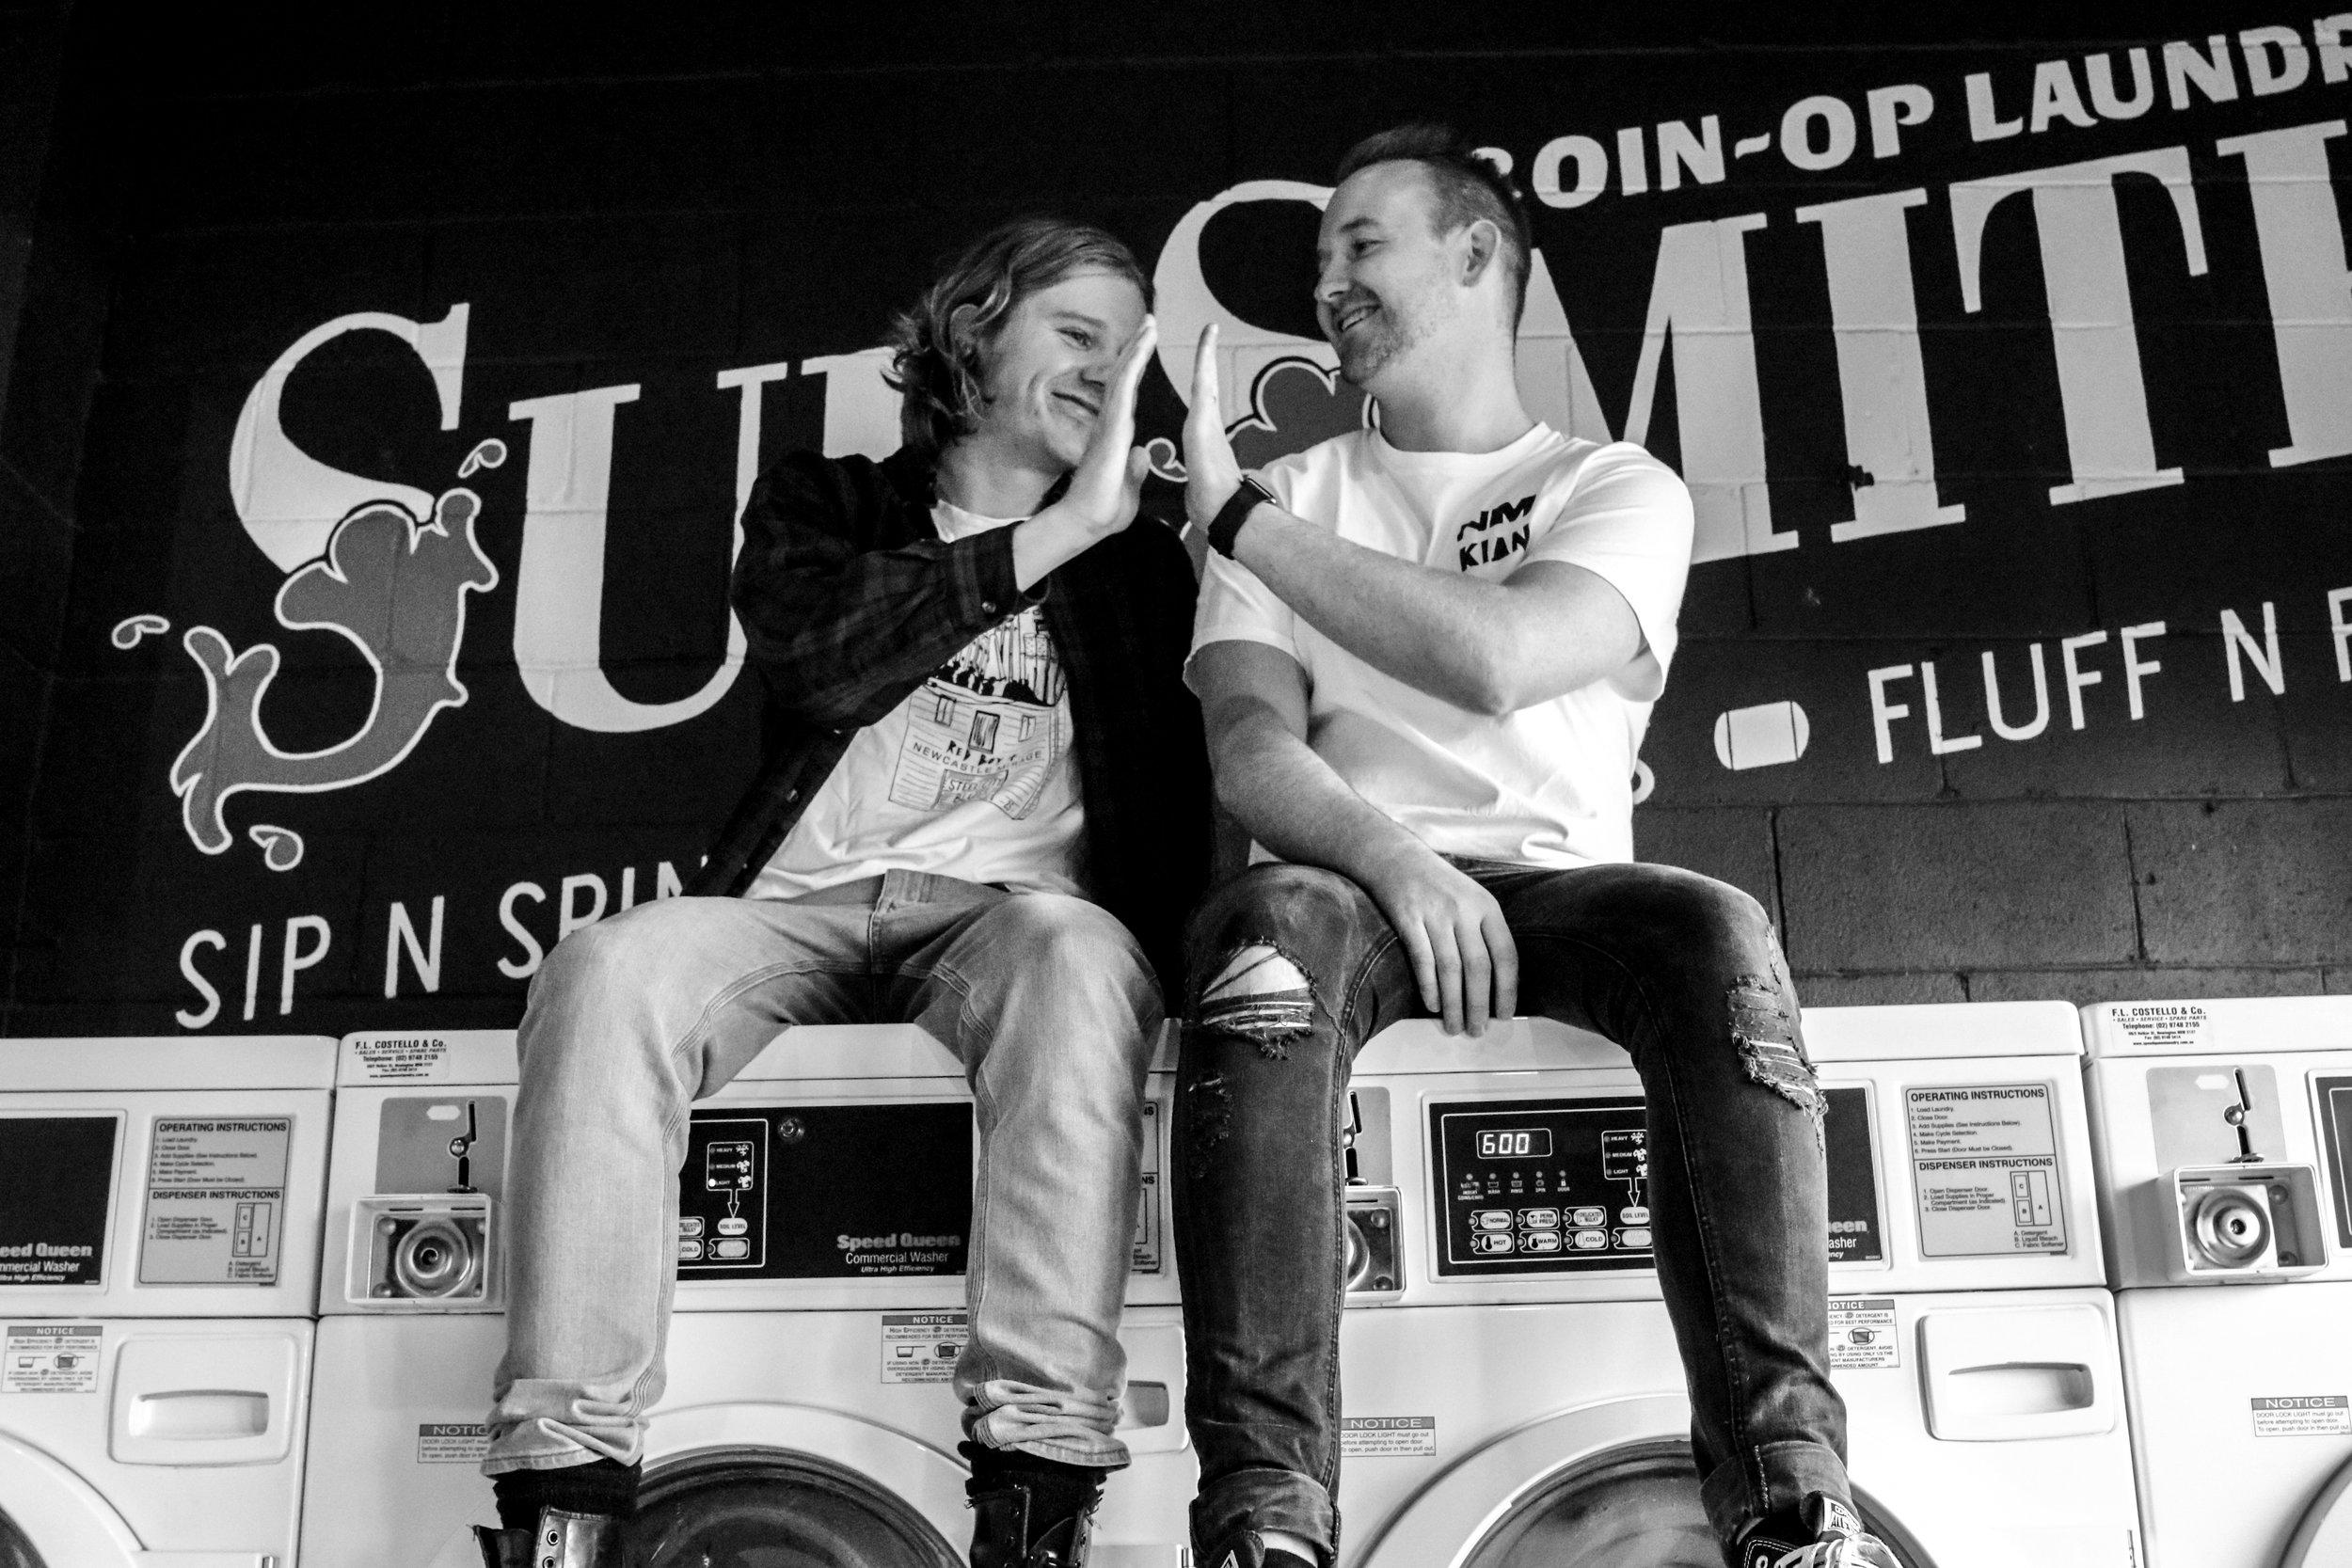 Ryan and Kian Newcastle Mirage